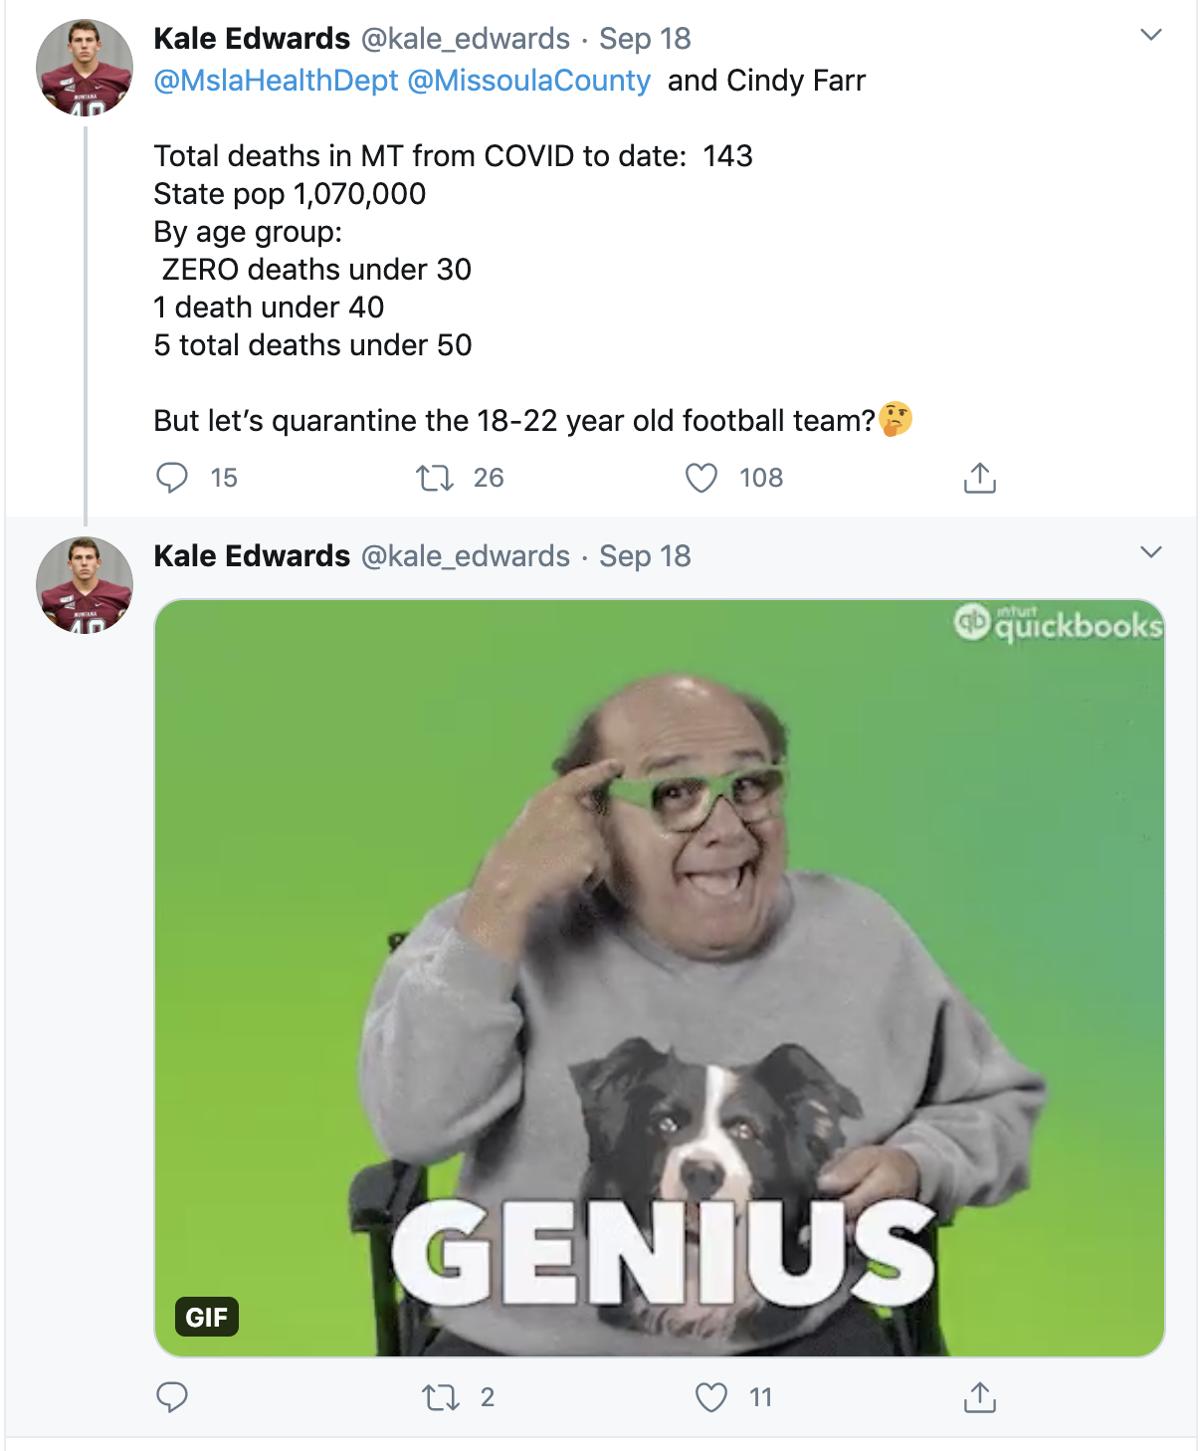 Kale Edwards' Tweet